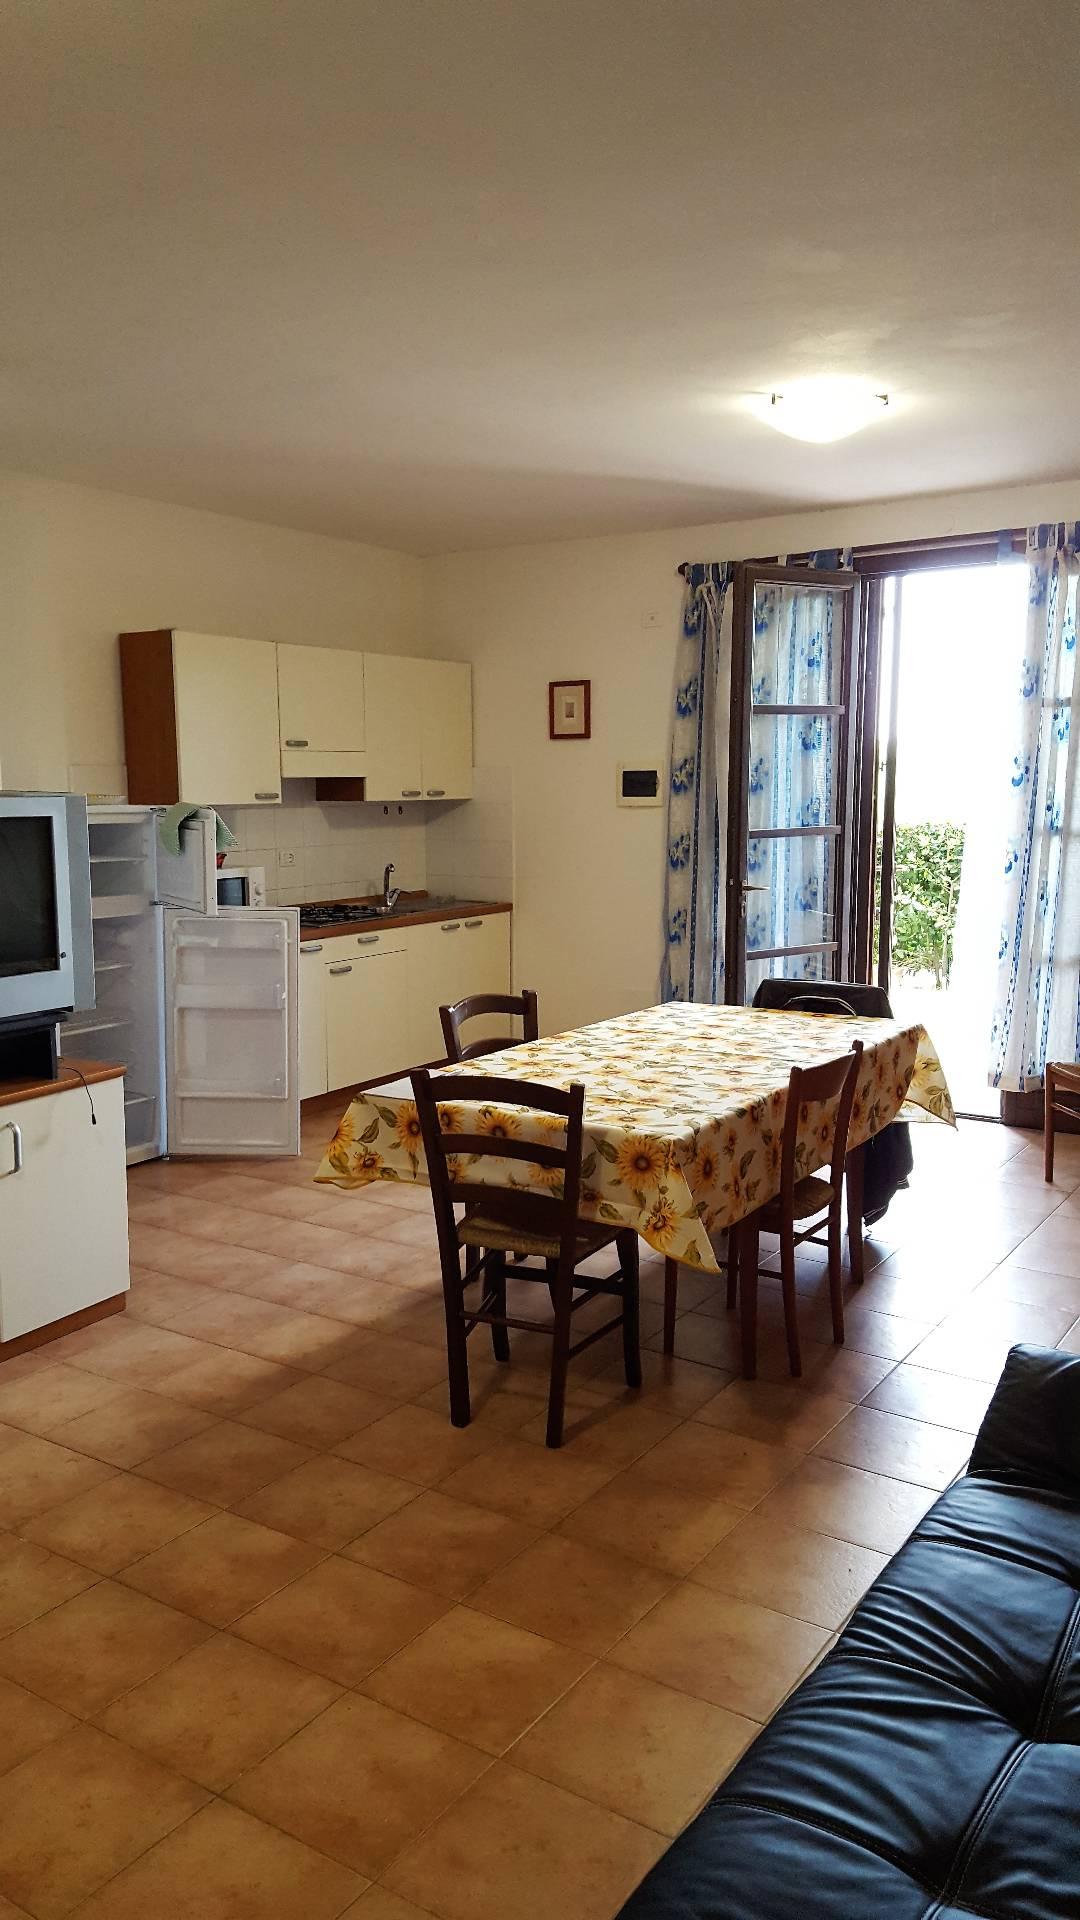 Albergo in vendita a Santa Luce, 2 locali, zona Località: PieveS.aLuce, prezzo € 70.000 | Cambio Casa.it